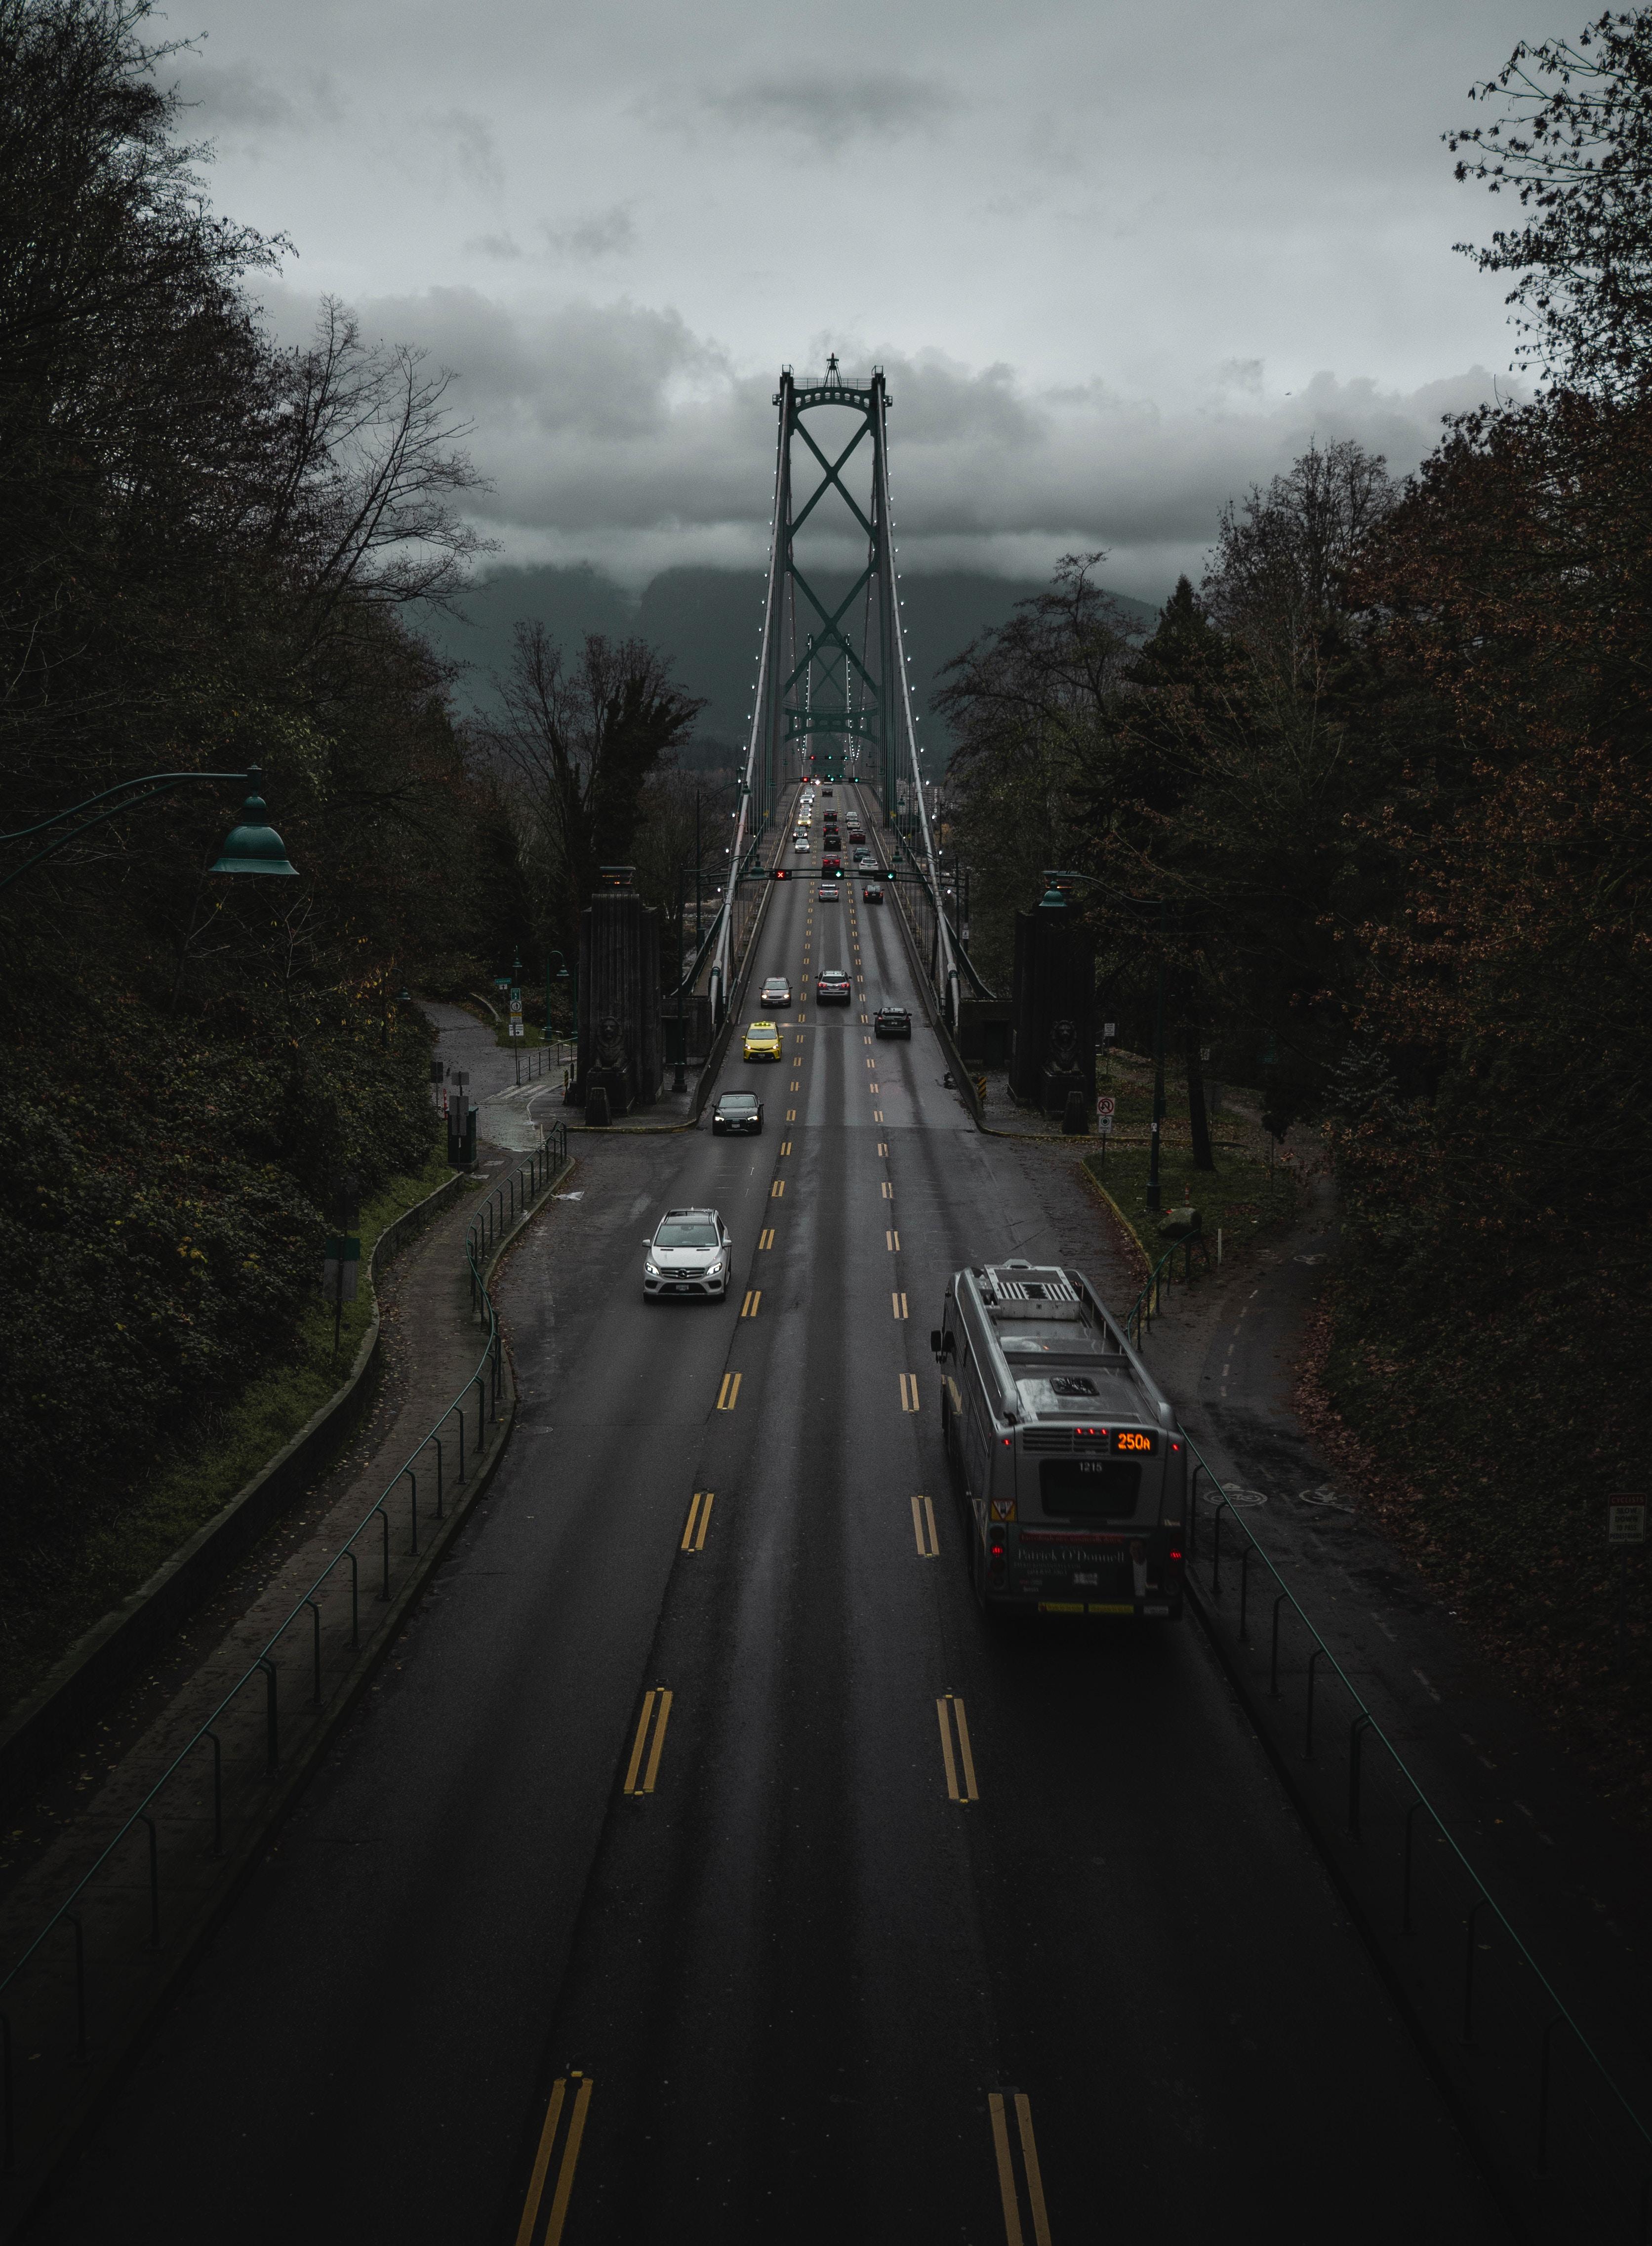 101217 скачать обои Транспорт, Канада, Города, Дорога, Движение, Мост, Ванкувер - заставки и картинки бесплатно